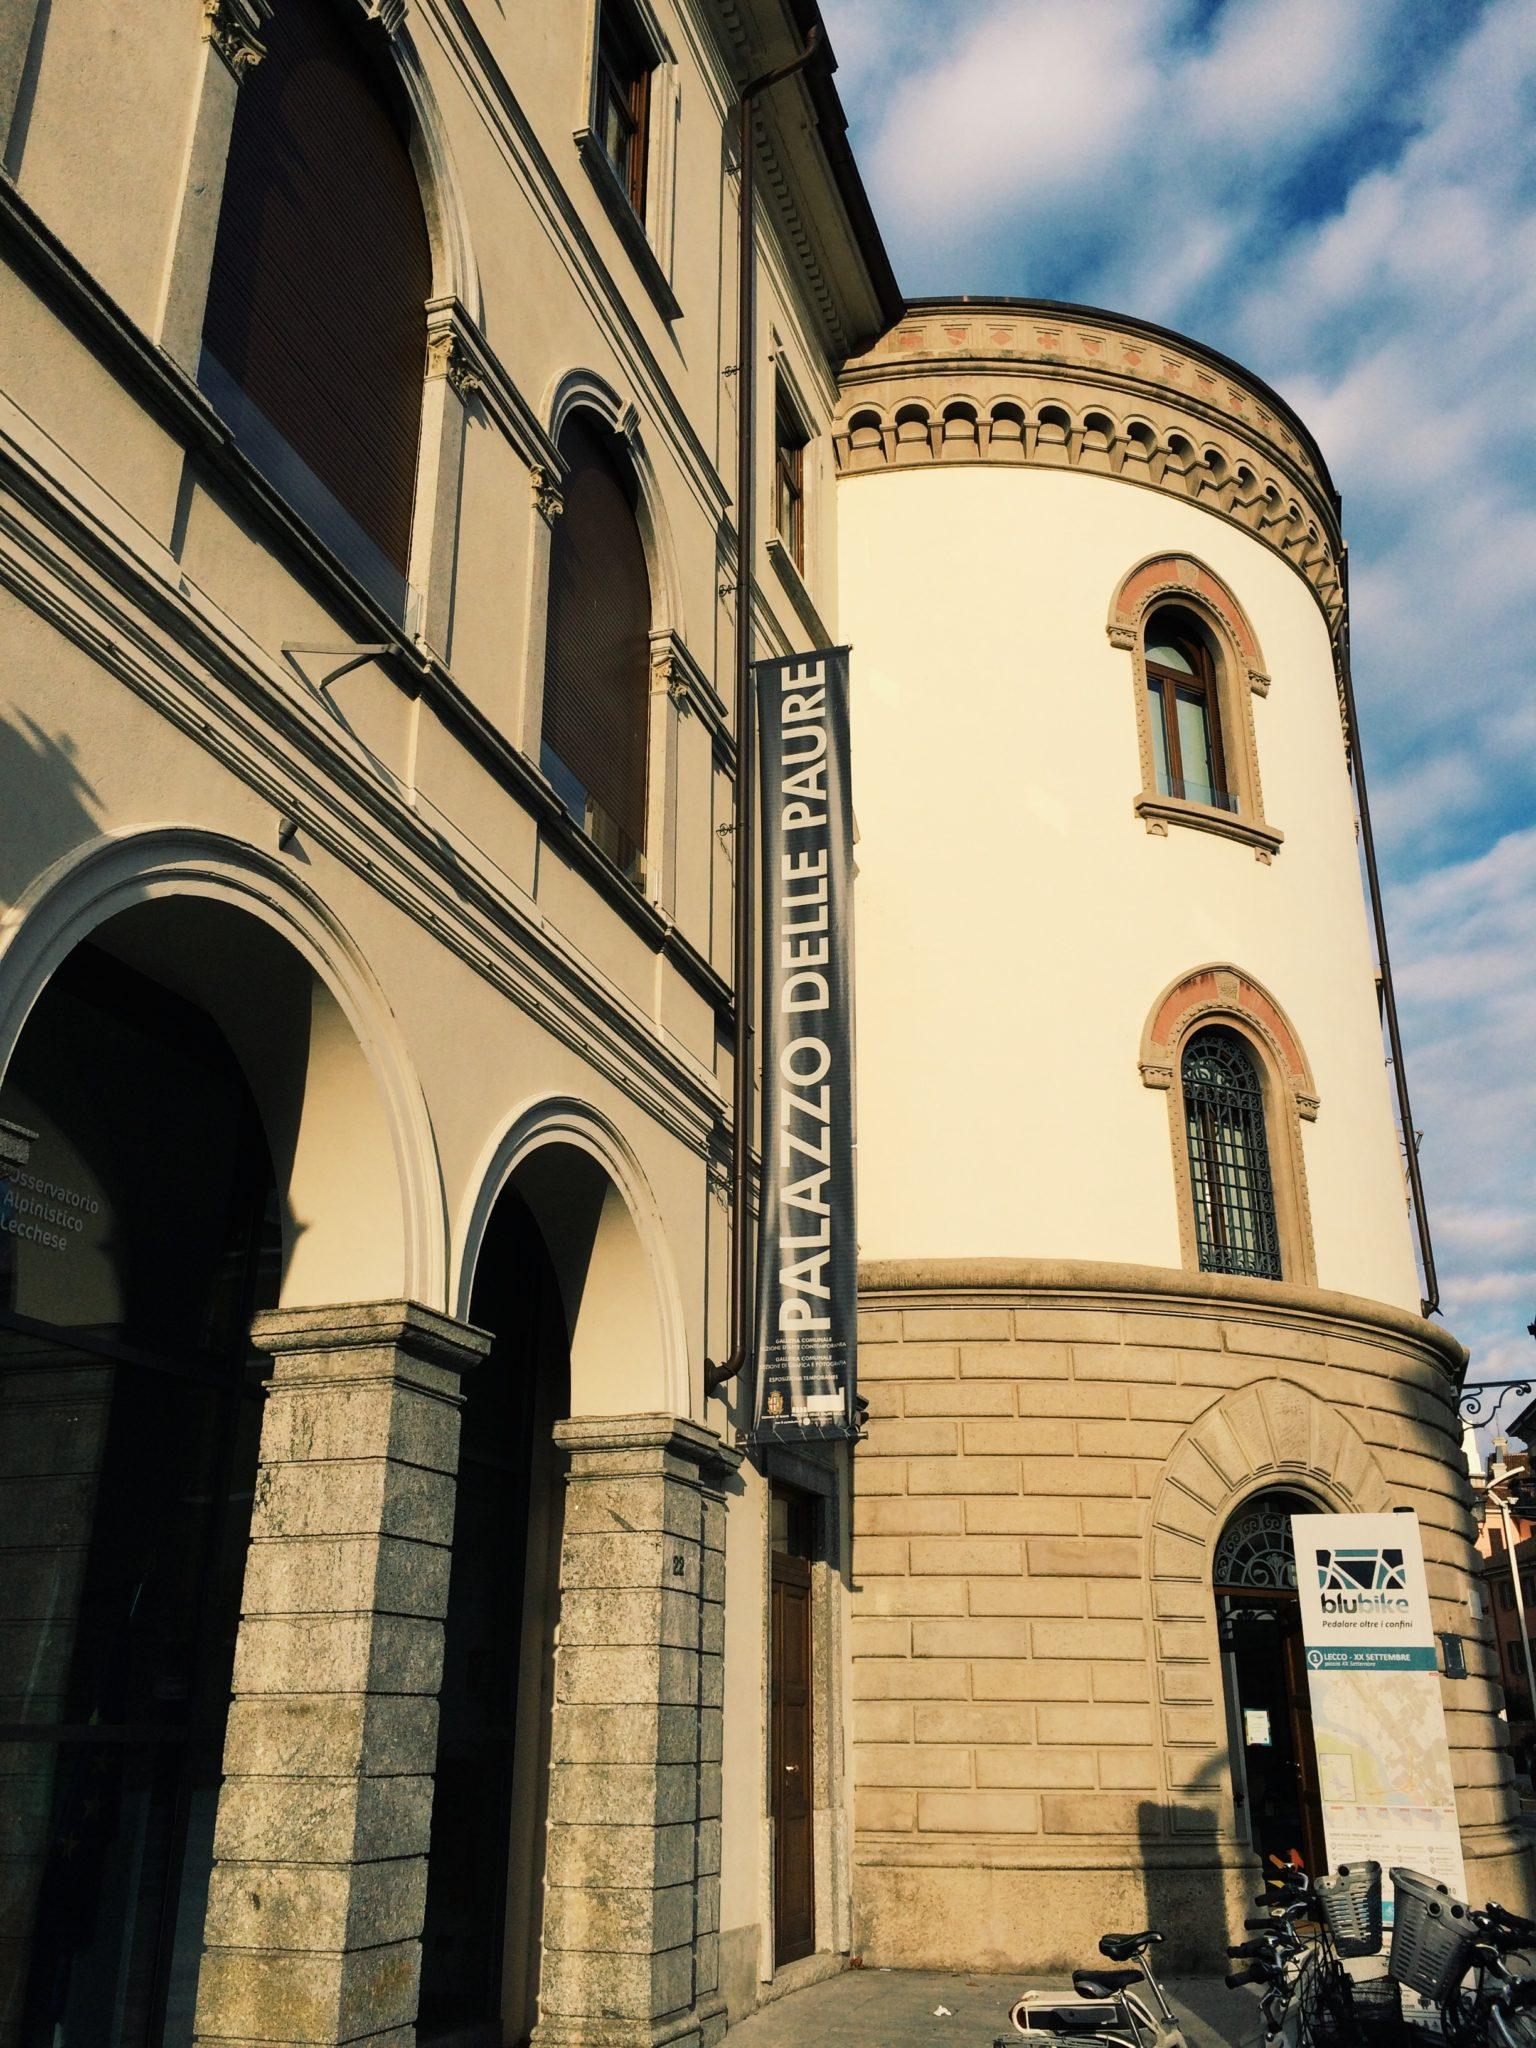 Un'antica pasticceria e il Palazzo delle Paure, dove una volta si pagavano le tasse e oggi si vanno a vedere mostre. Un pomeriggio a Lecco, fra dolci e arte